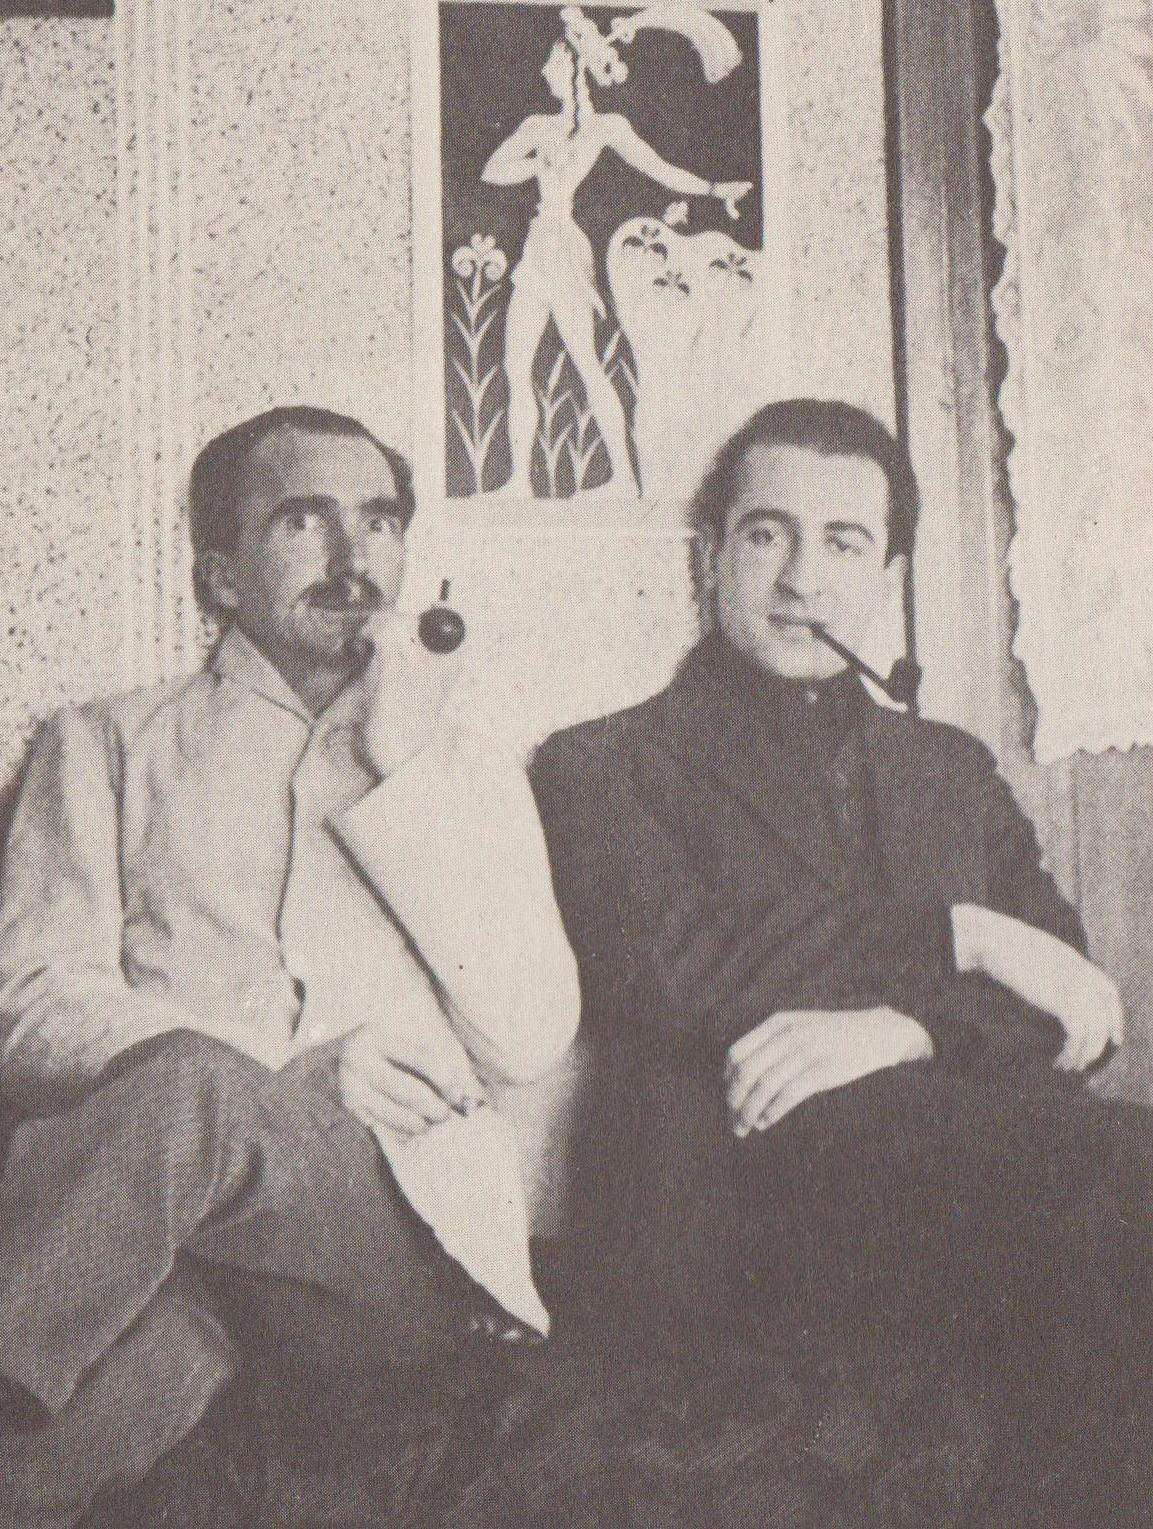 Νίκος Καζαζντάκης και Παντελής Πρεβελάκης 1932 Φωτογραφία Ε.Κ.